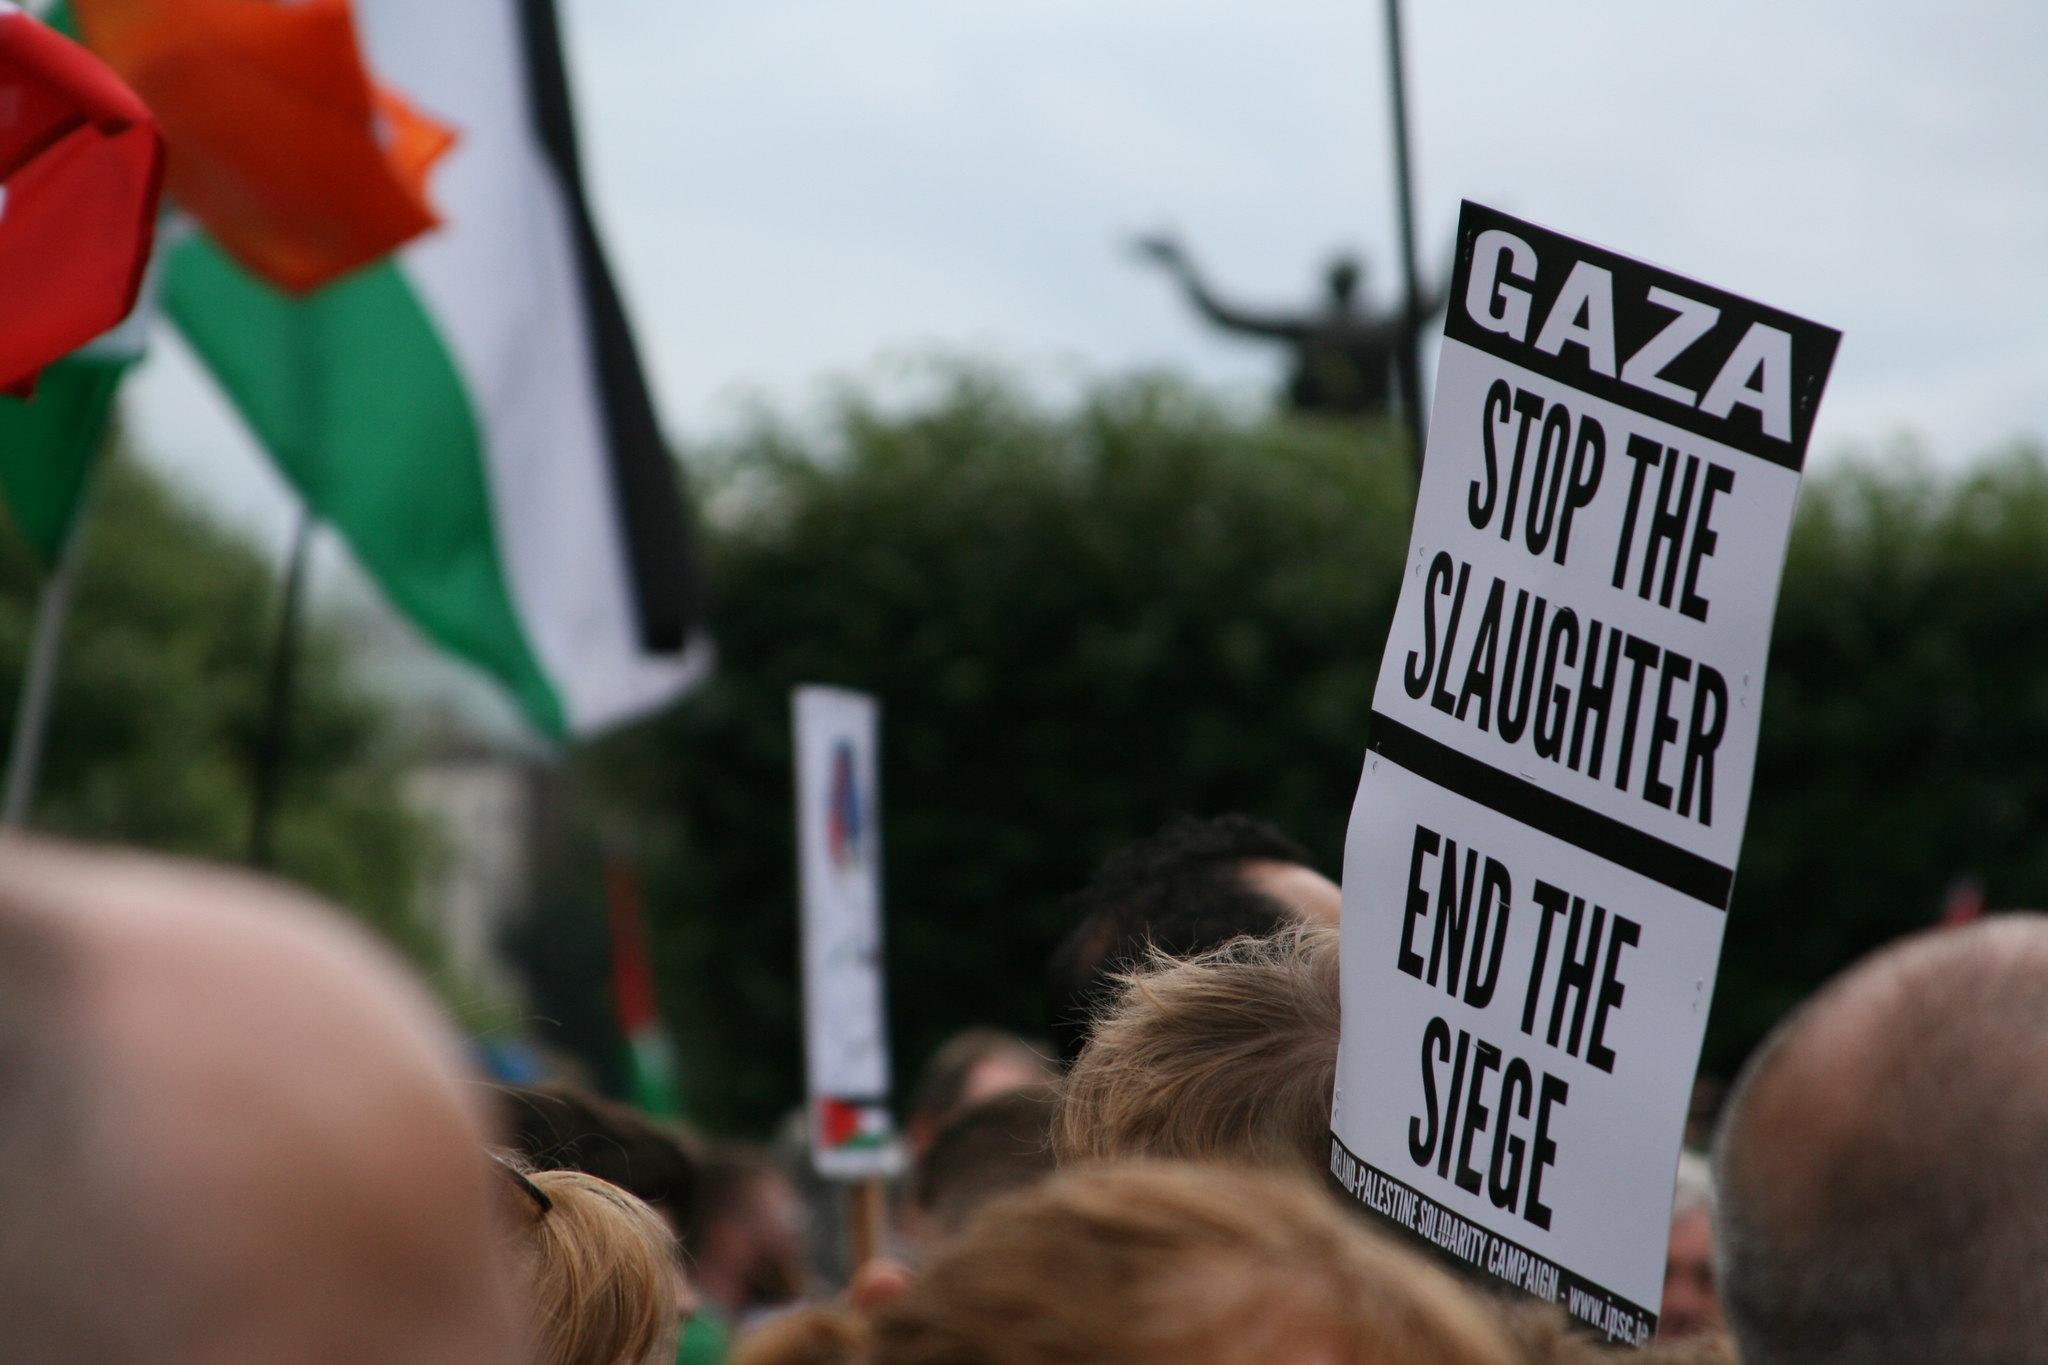 Proteste gegen ethnische Säuberung in Palästina